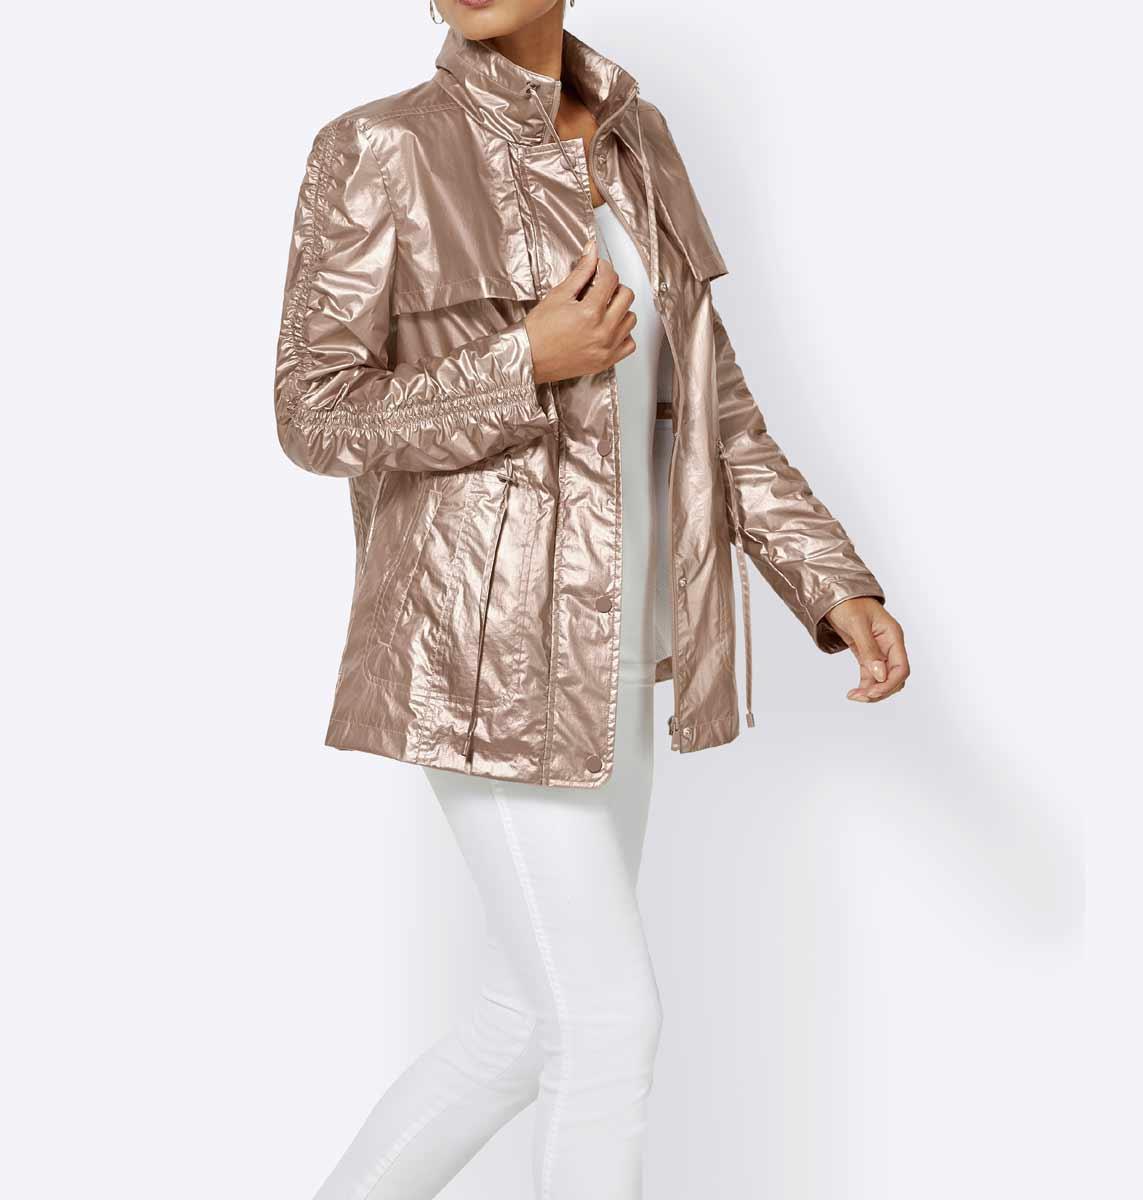 jacken auf rechnung bestellen als neukunde Witt Weiden Damen Jacke Frühlingsjacke Übergangsjacke Angebot große Größen 777.414 MISSFORTY